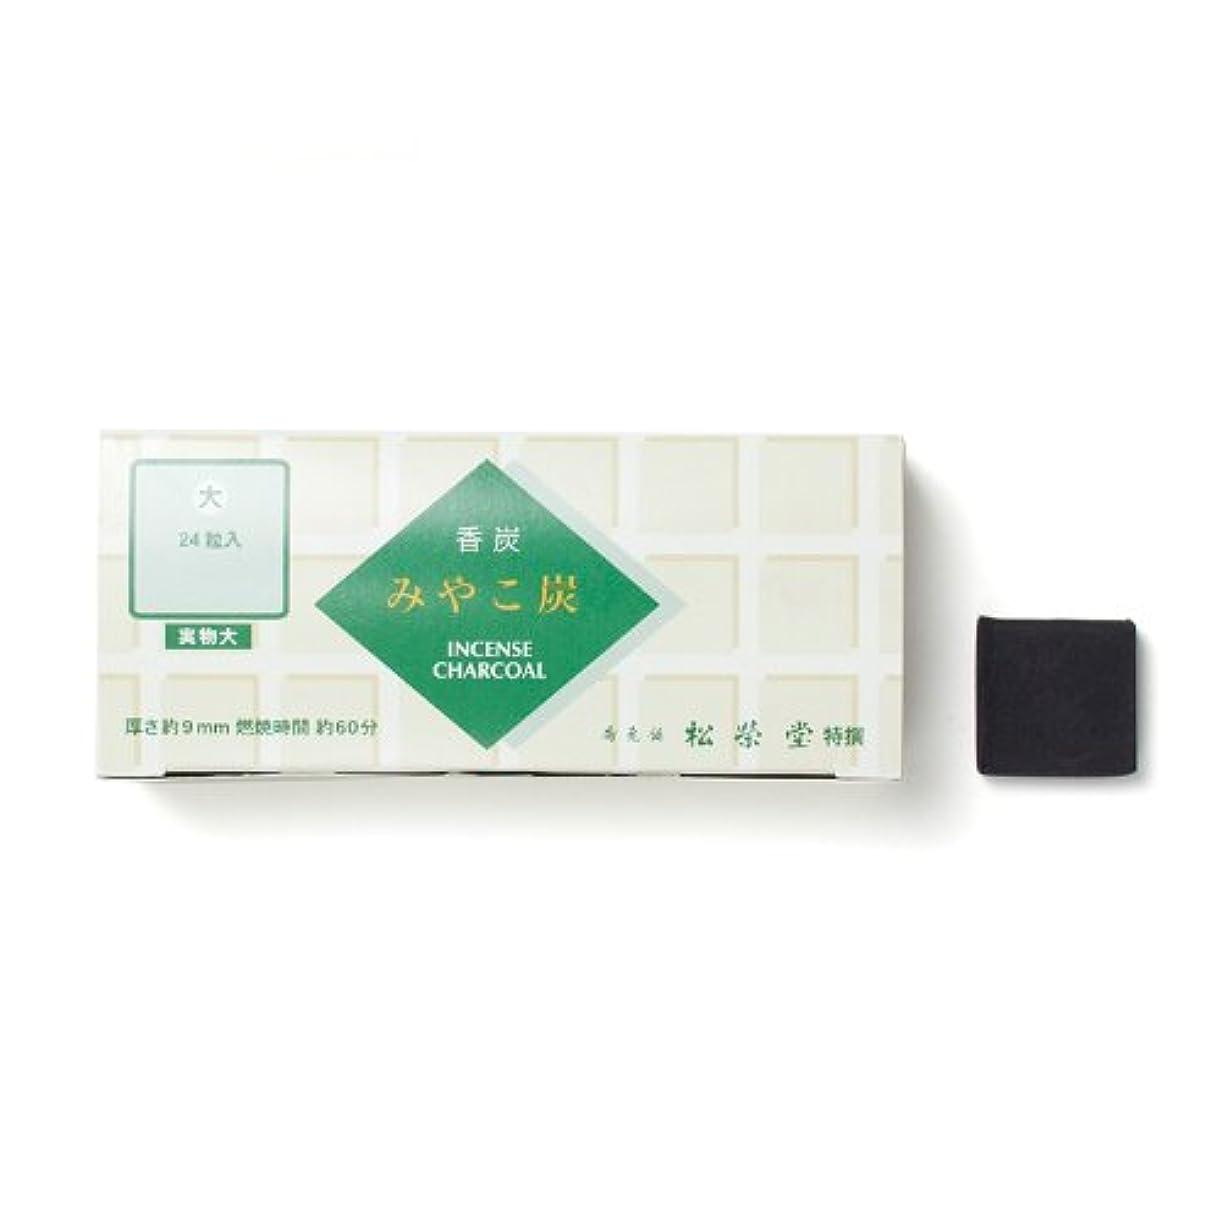 謎ステップコントロール松栄堂の香炭 みやこ炭 B大24粒 緑箱 #750112